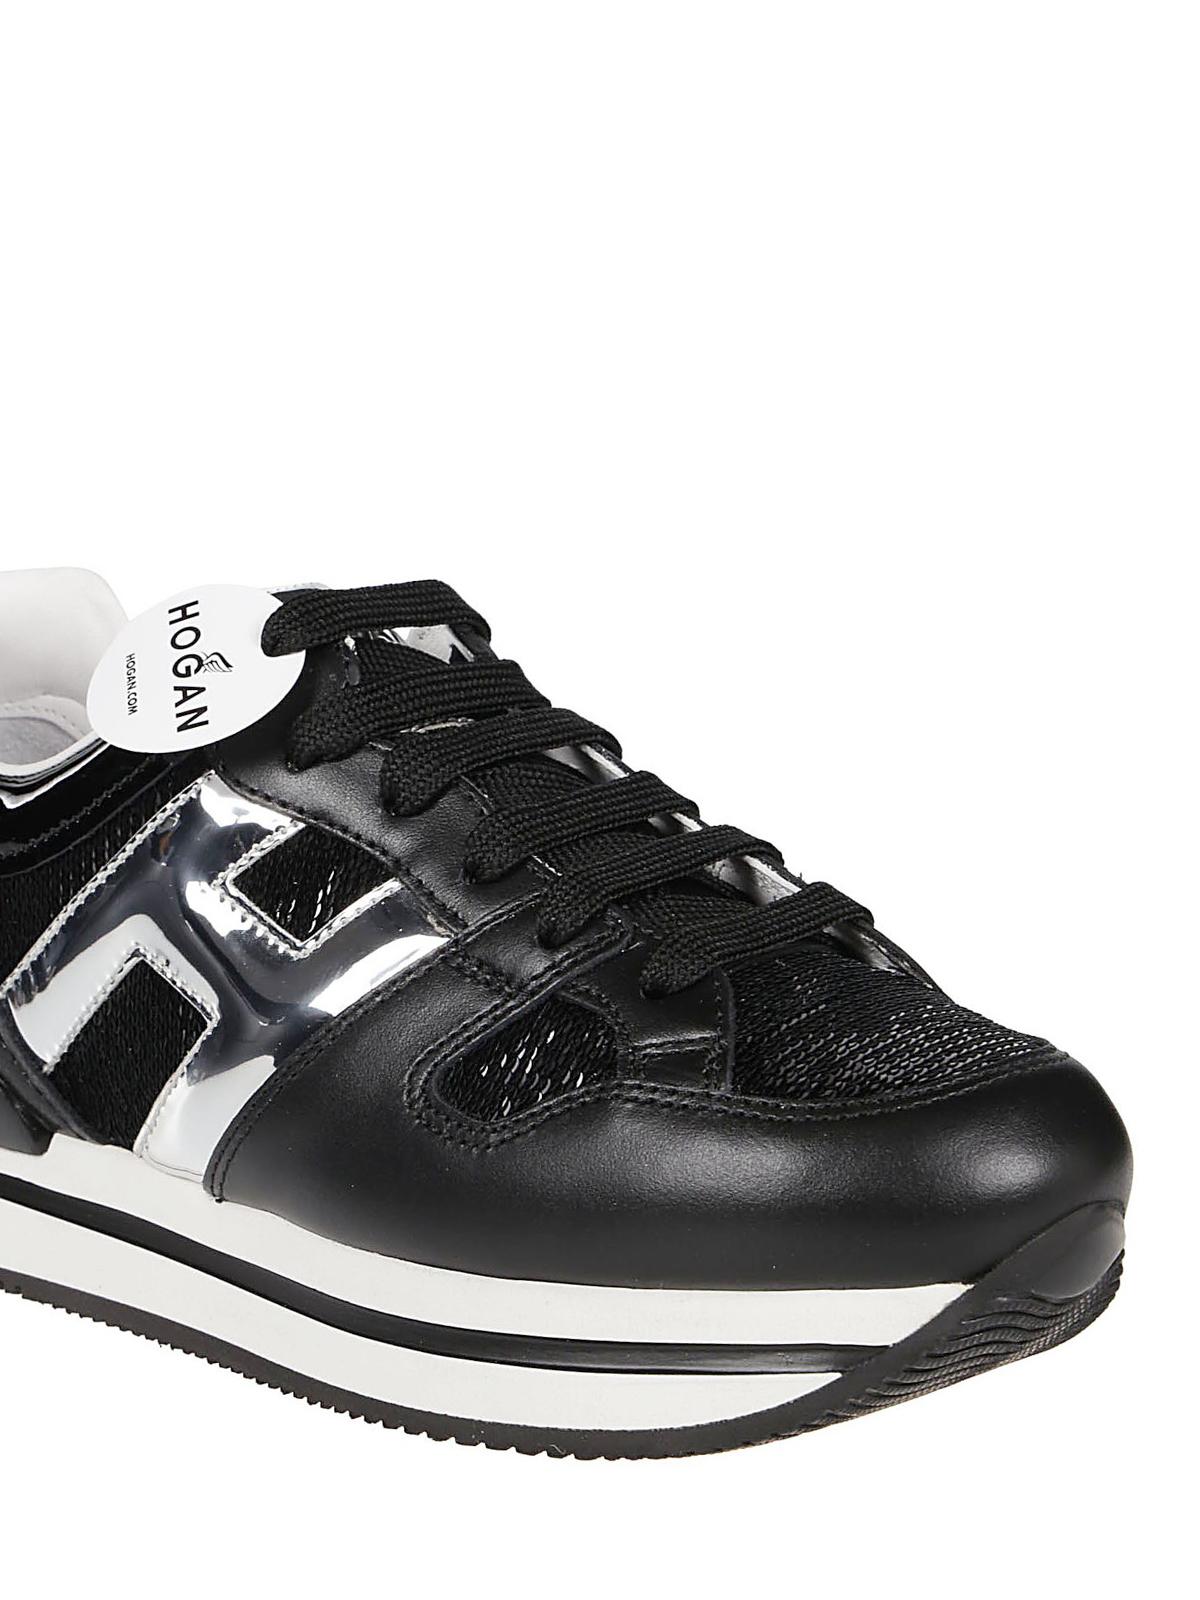 Sneakers Hogan - Sneaker H222 nere lucide - HXW2220T548LK00353 ...